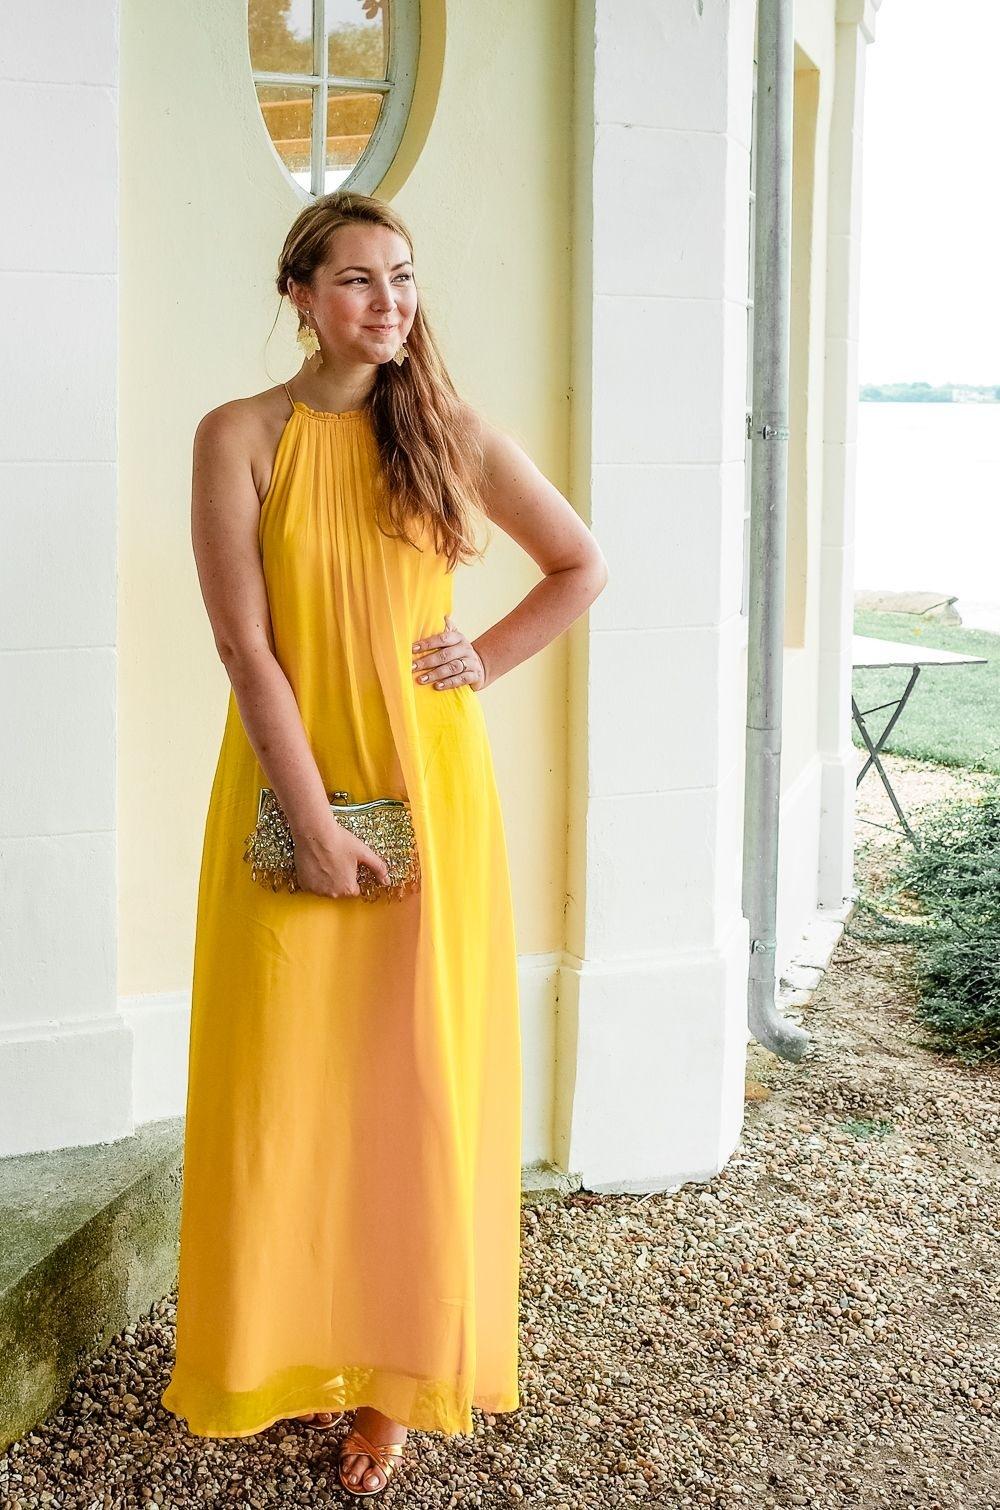 Abend Erstaunlich Gelbes Festliches Kleid Spezialgebiet13 Top Gelbes Festliches Kleid Vertrieb